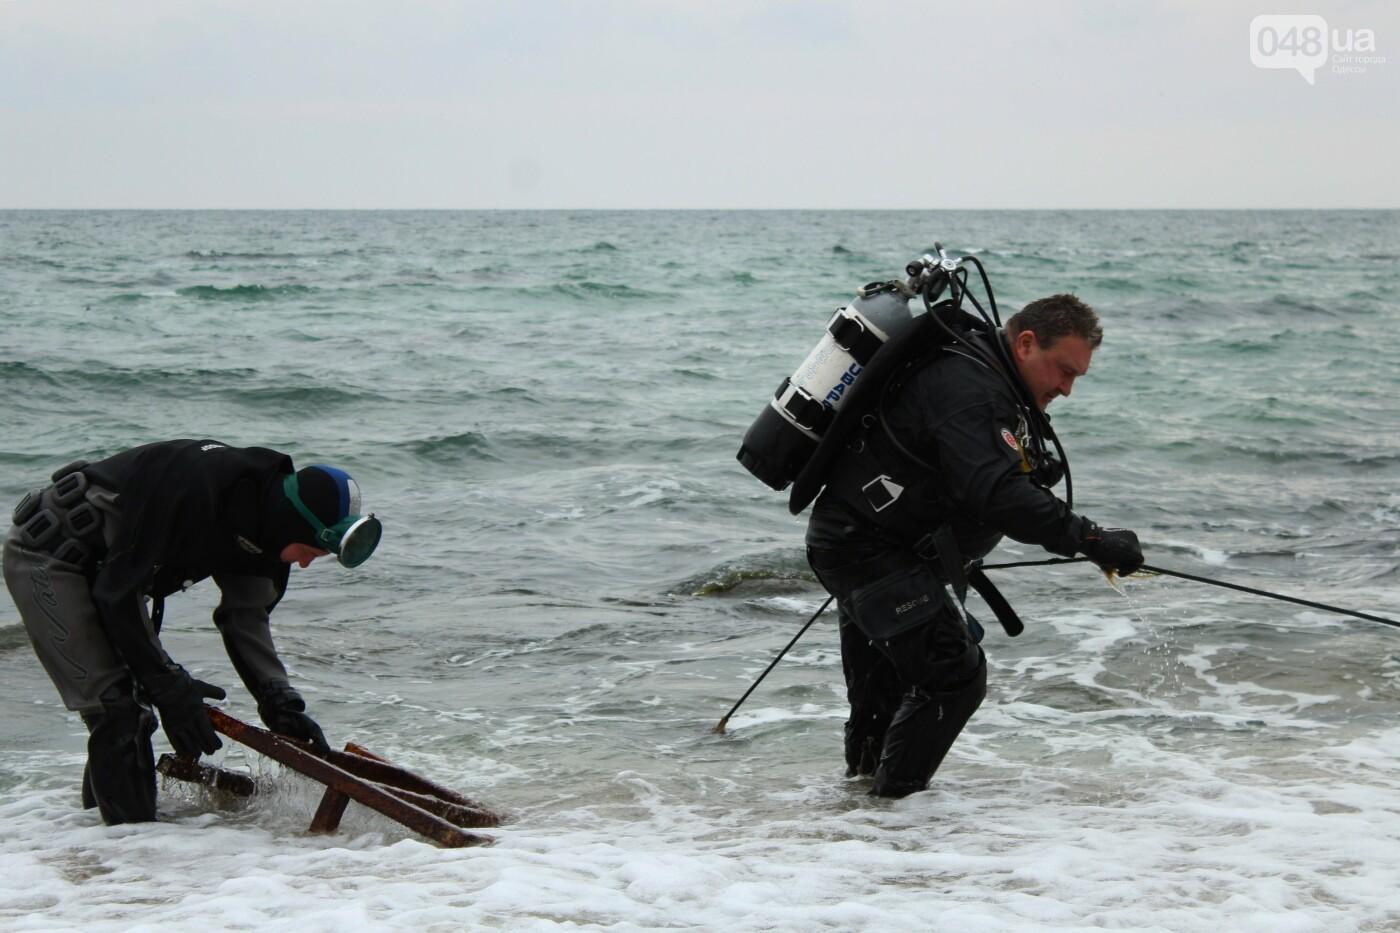 Горы метала и битое стекло: водолазы чистят дно одесских пляжей, - ФОТО, ВИДЕО , фото-8